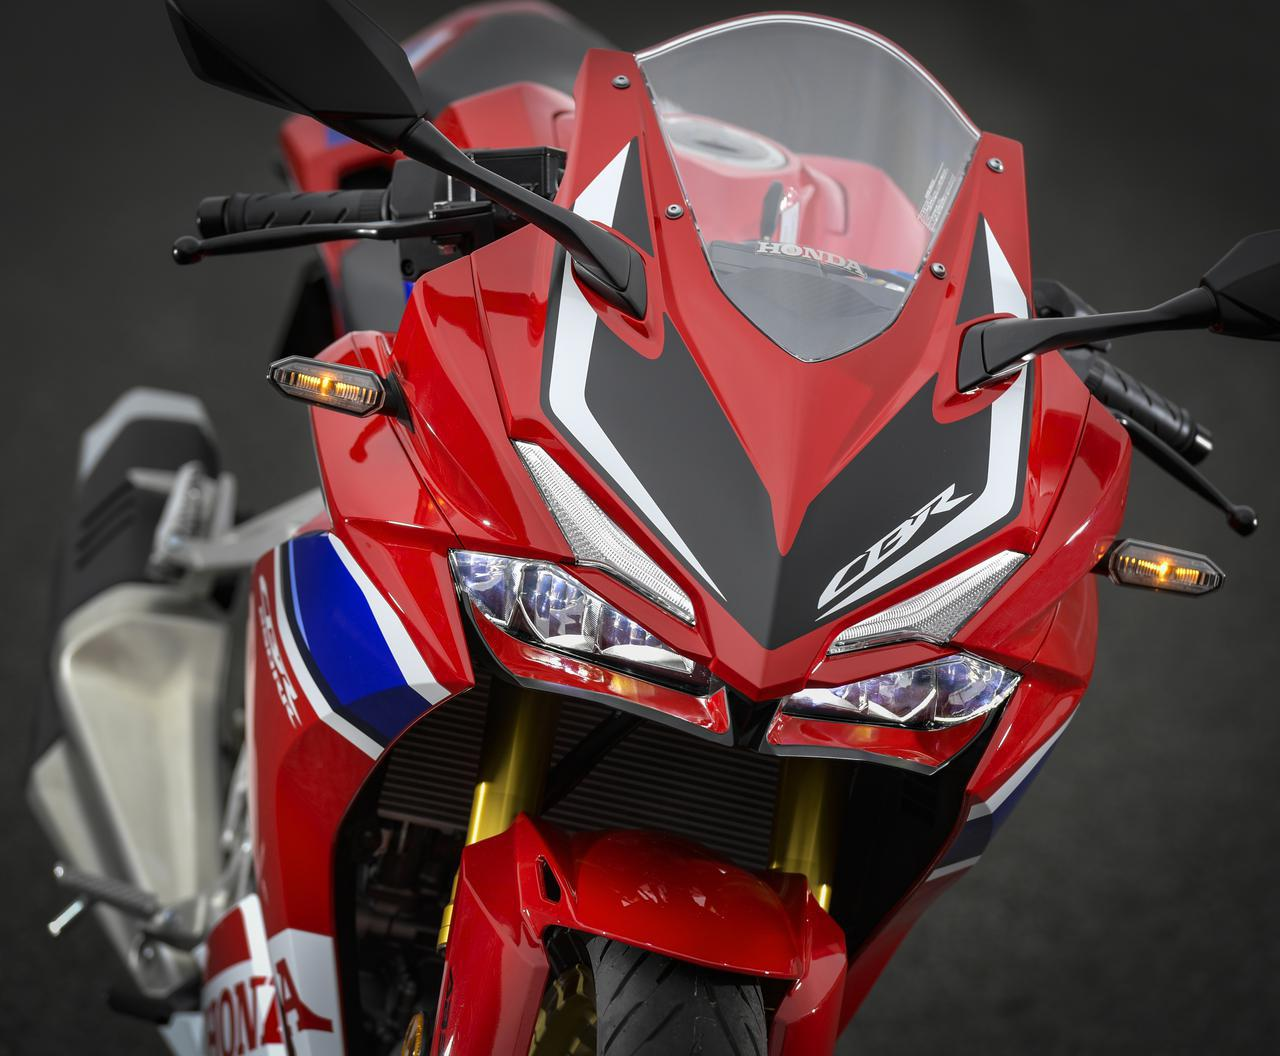 画像: ホンダが新型CBR250RRの詳細を発表! 最高出力は41PS! 価格は据え置き、発売日は2020年9月18日! - webオートバイ